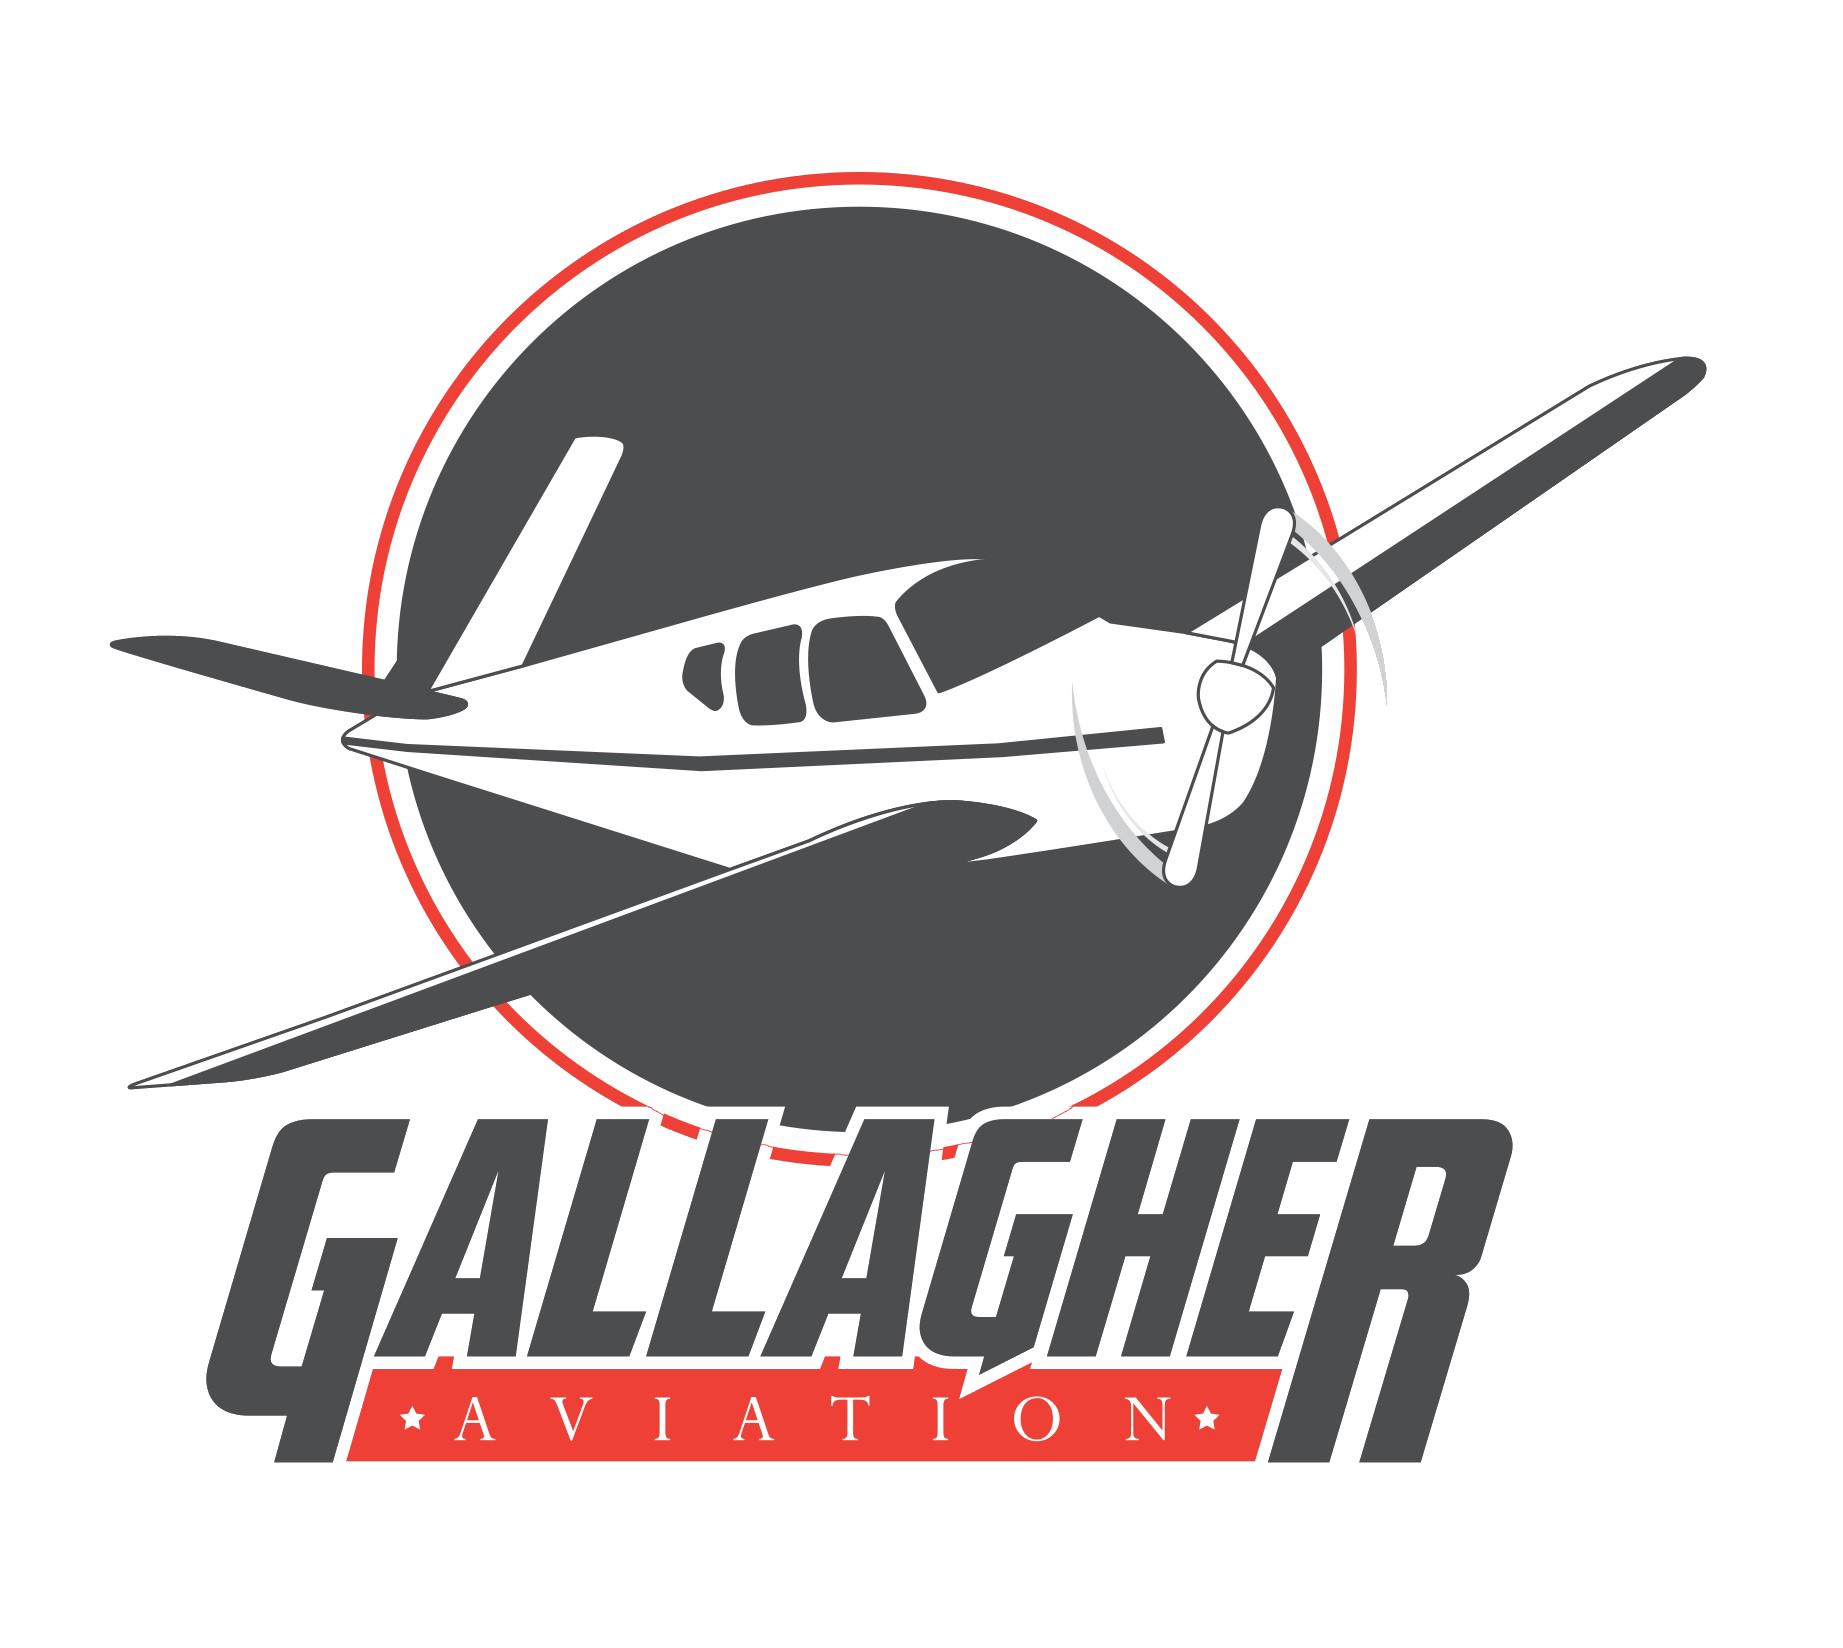 Gallagher Aviation LLC